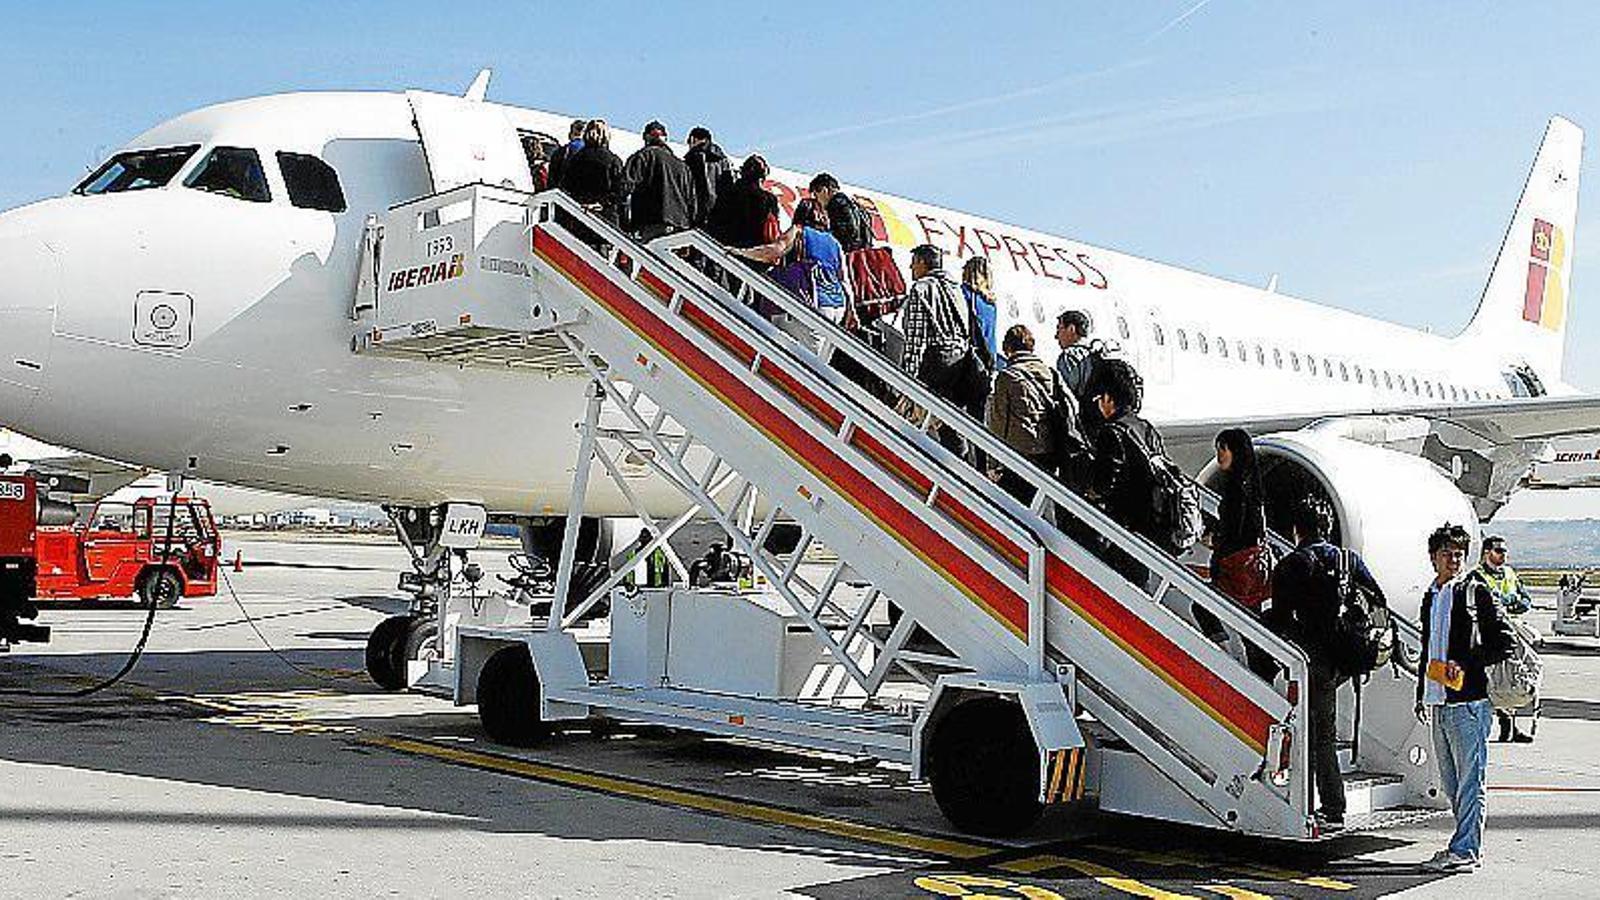 La companyia ofereix cincs vols diaris entre Palma i Madrid.